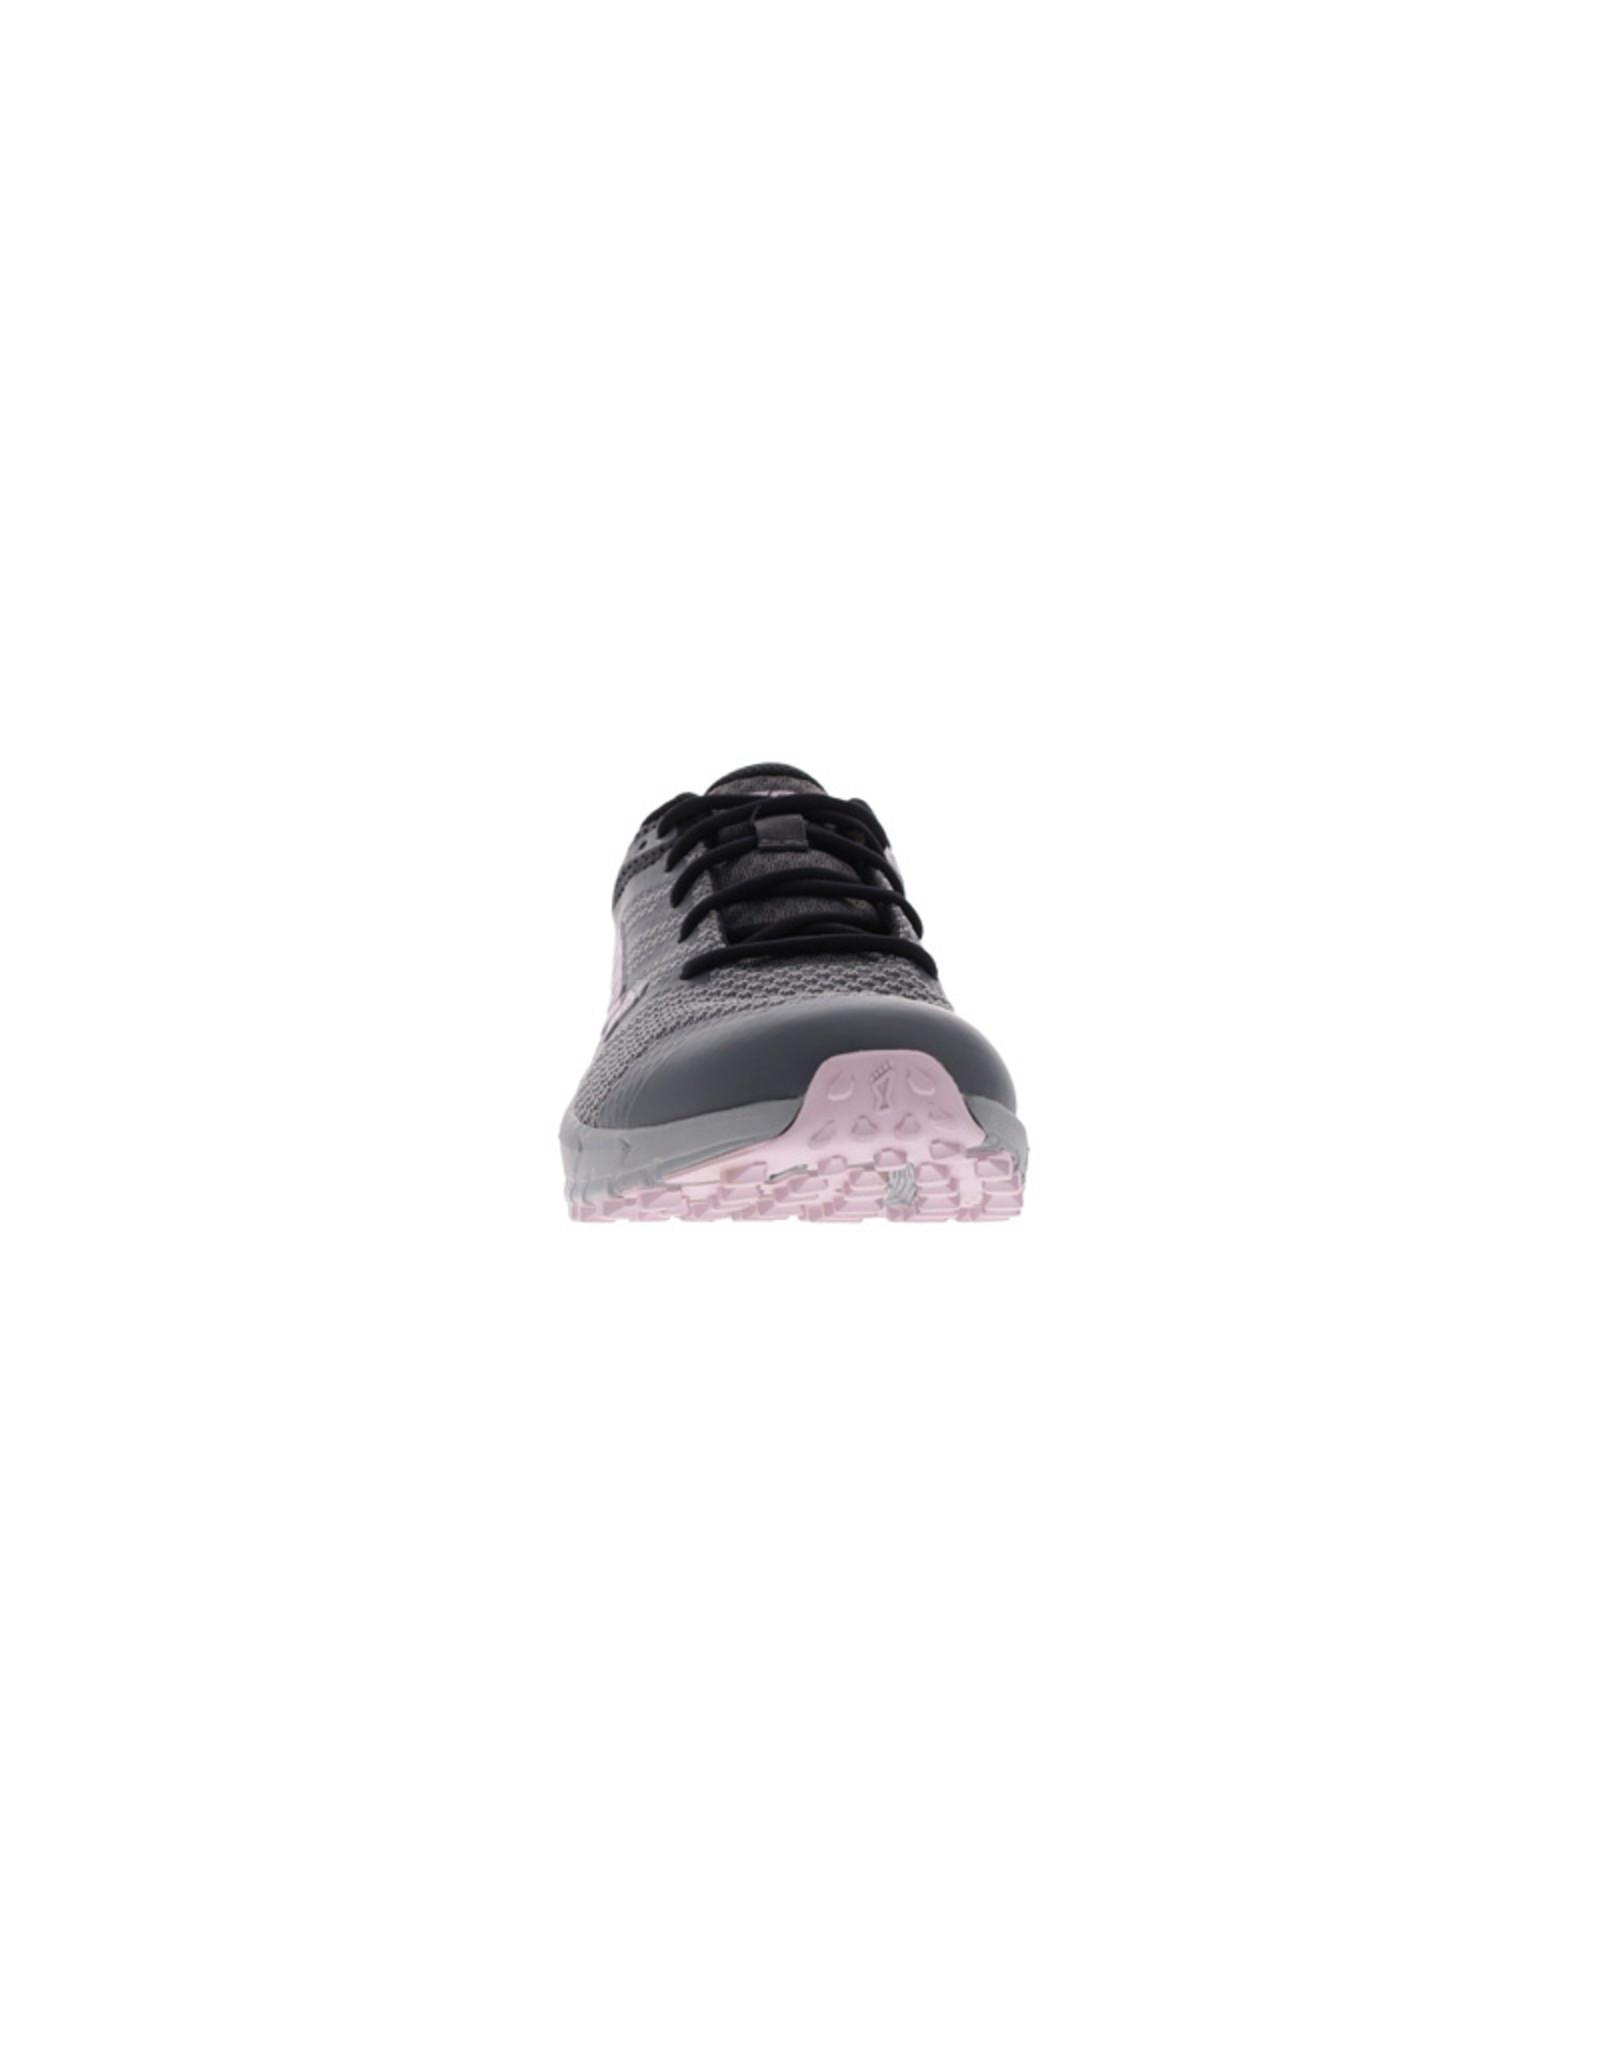 Inov-8 Parkclaw 260 Knit Chaussure Trailrun - Gris/Noir